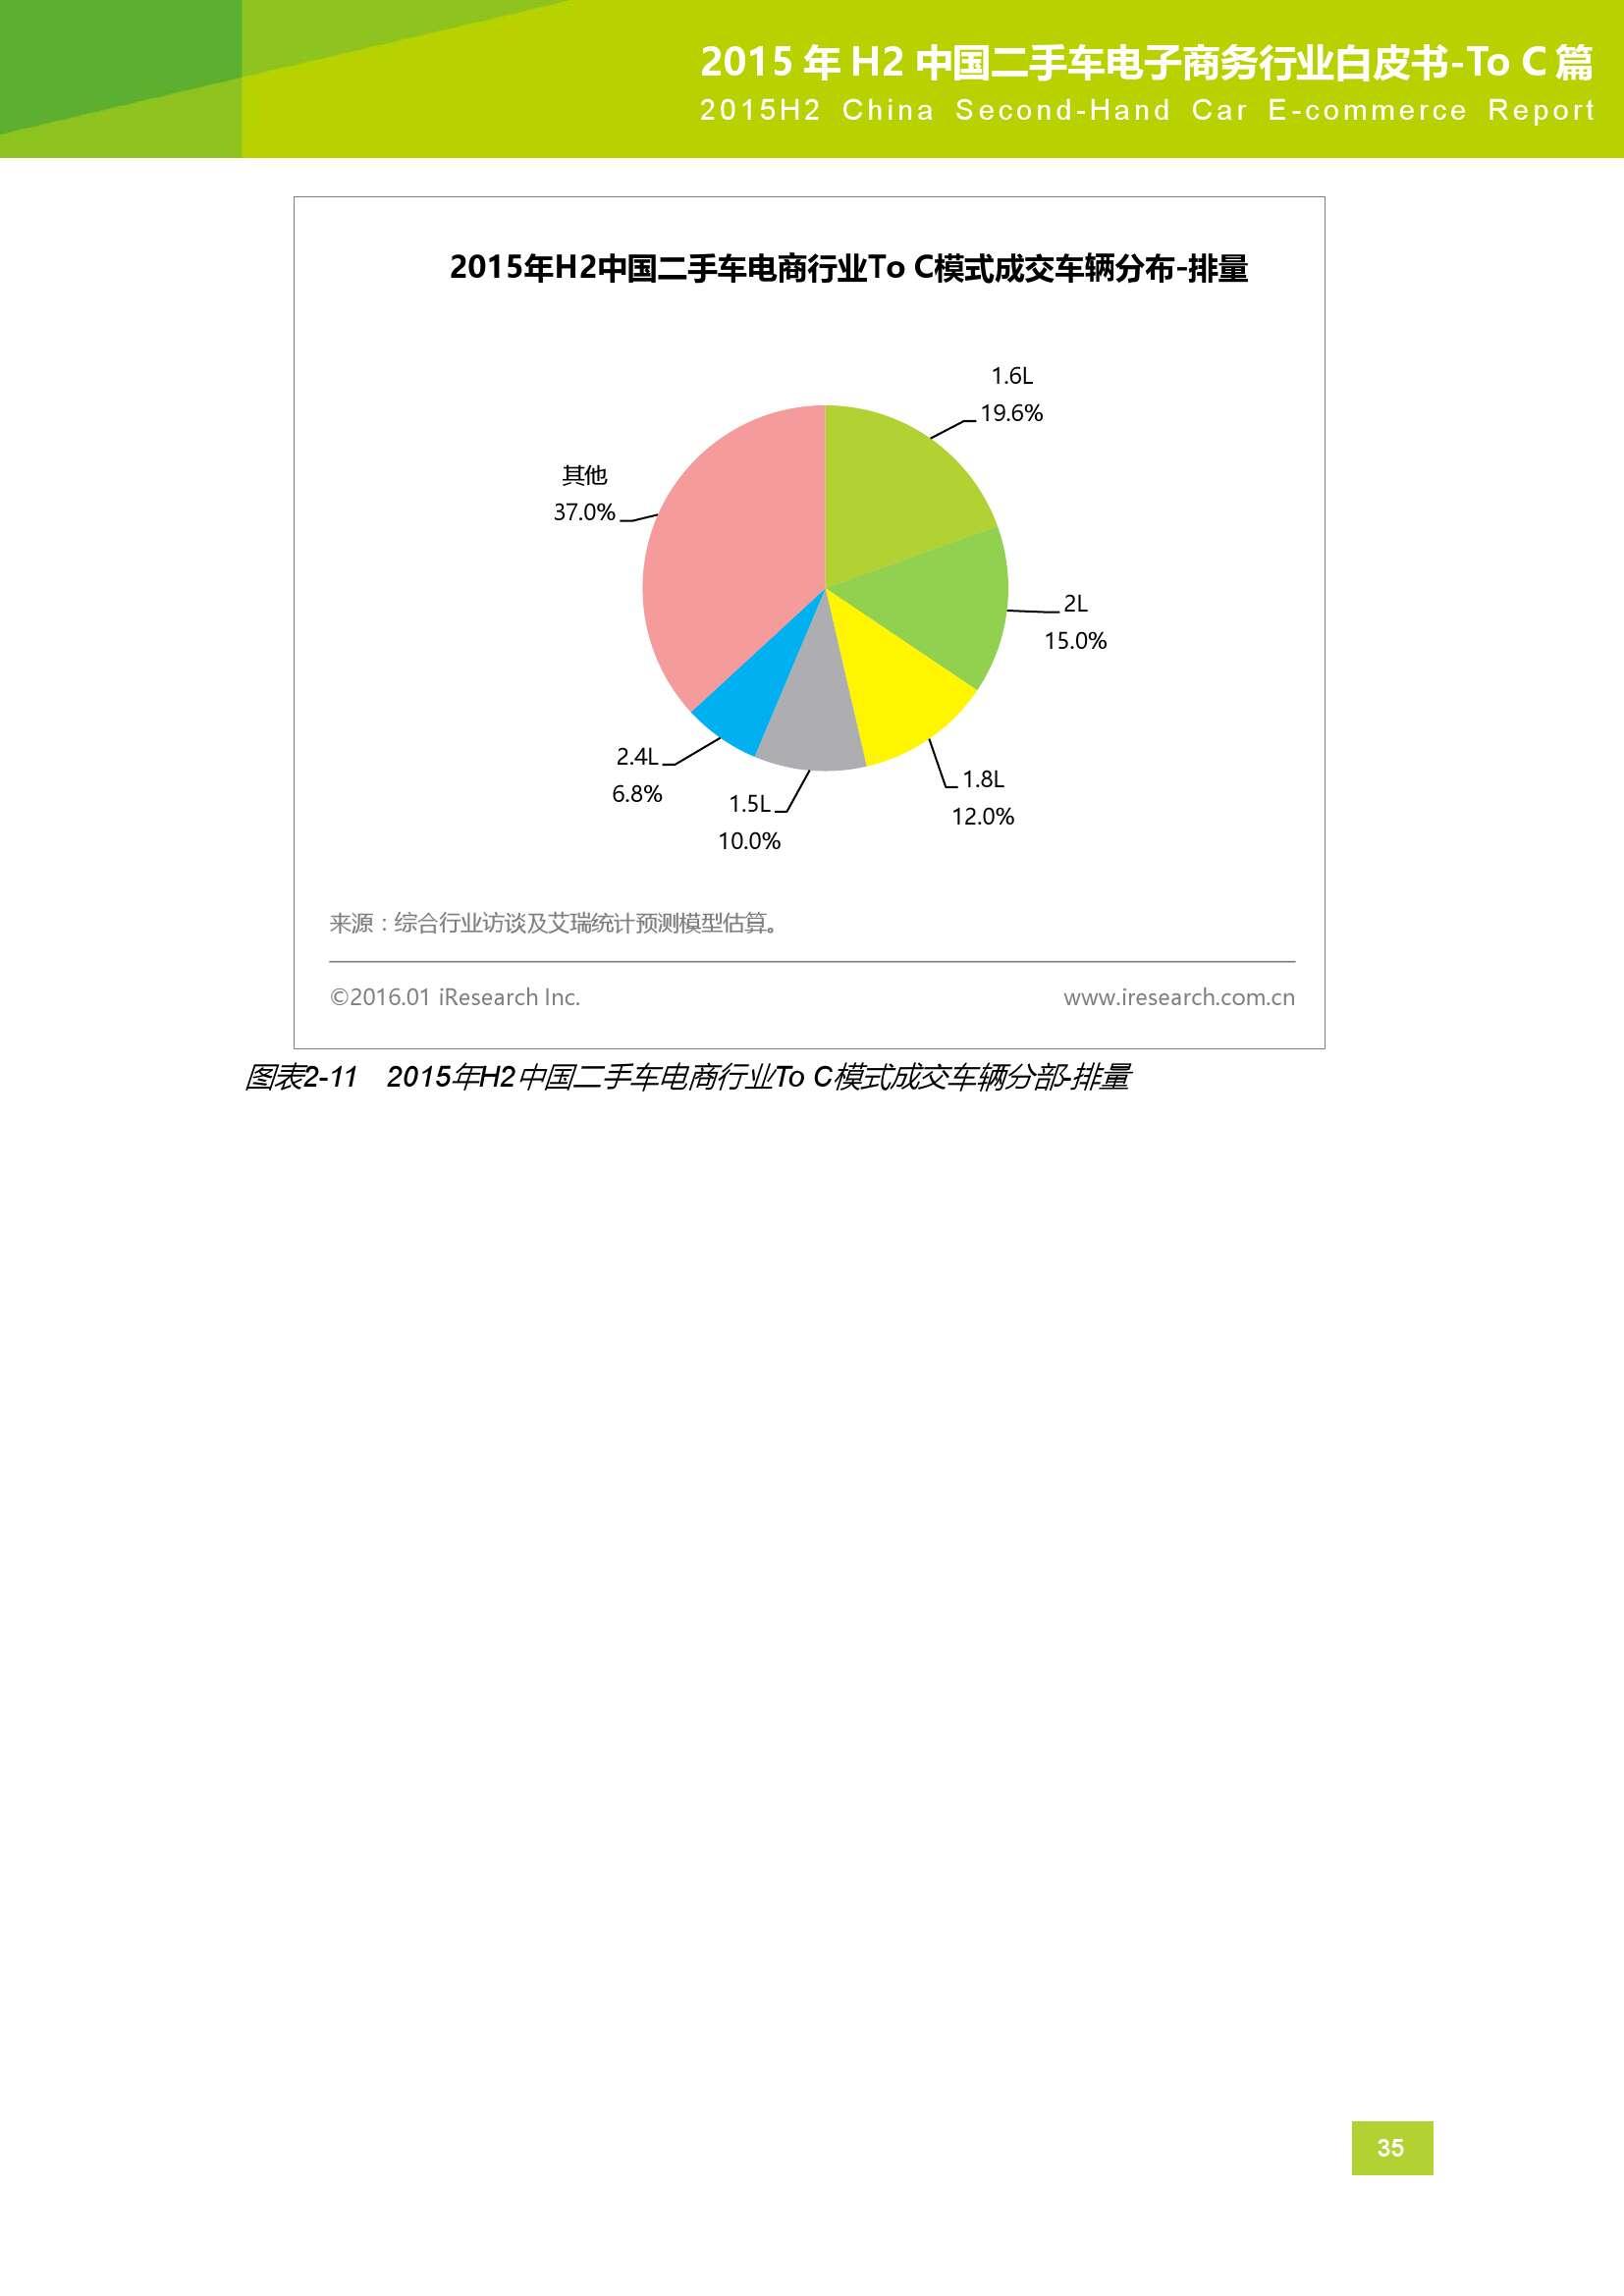 2015年H2中国二手车电子商务行业白皮书_000035